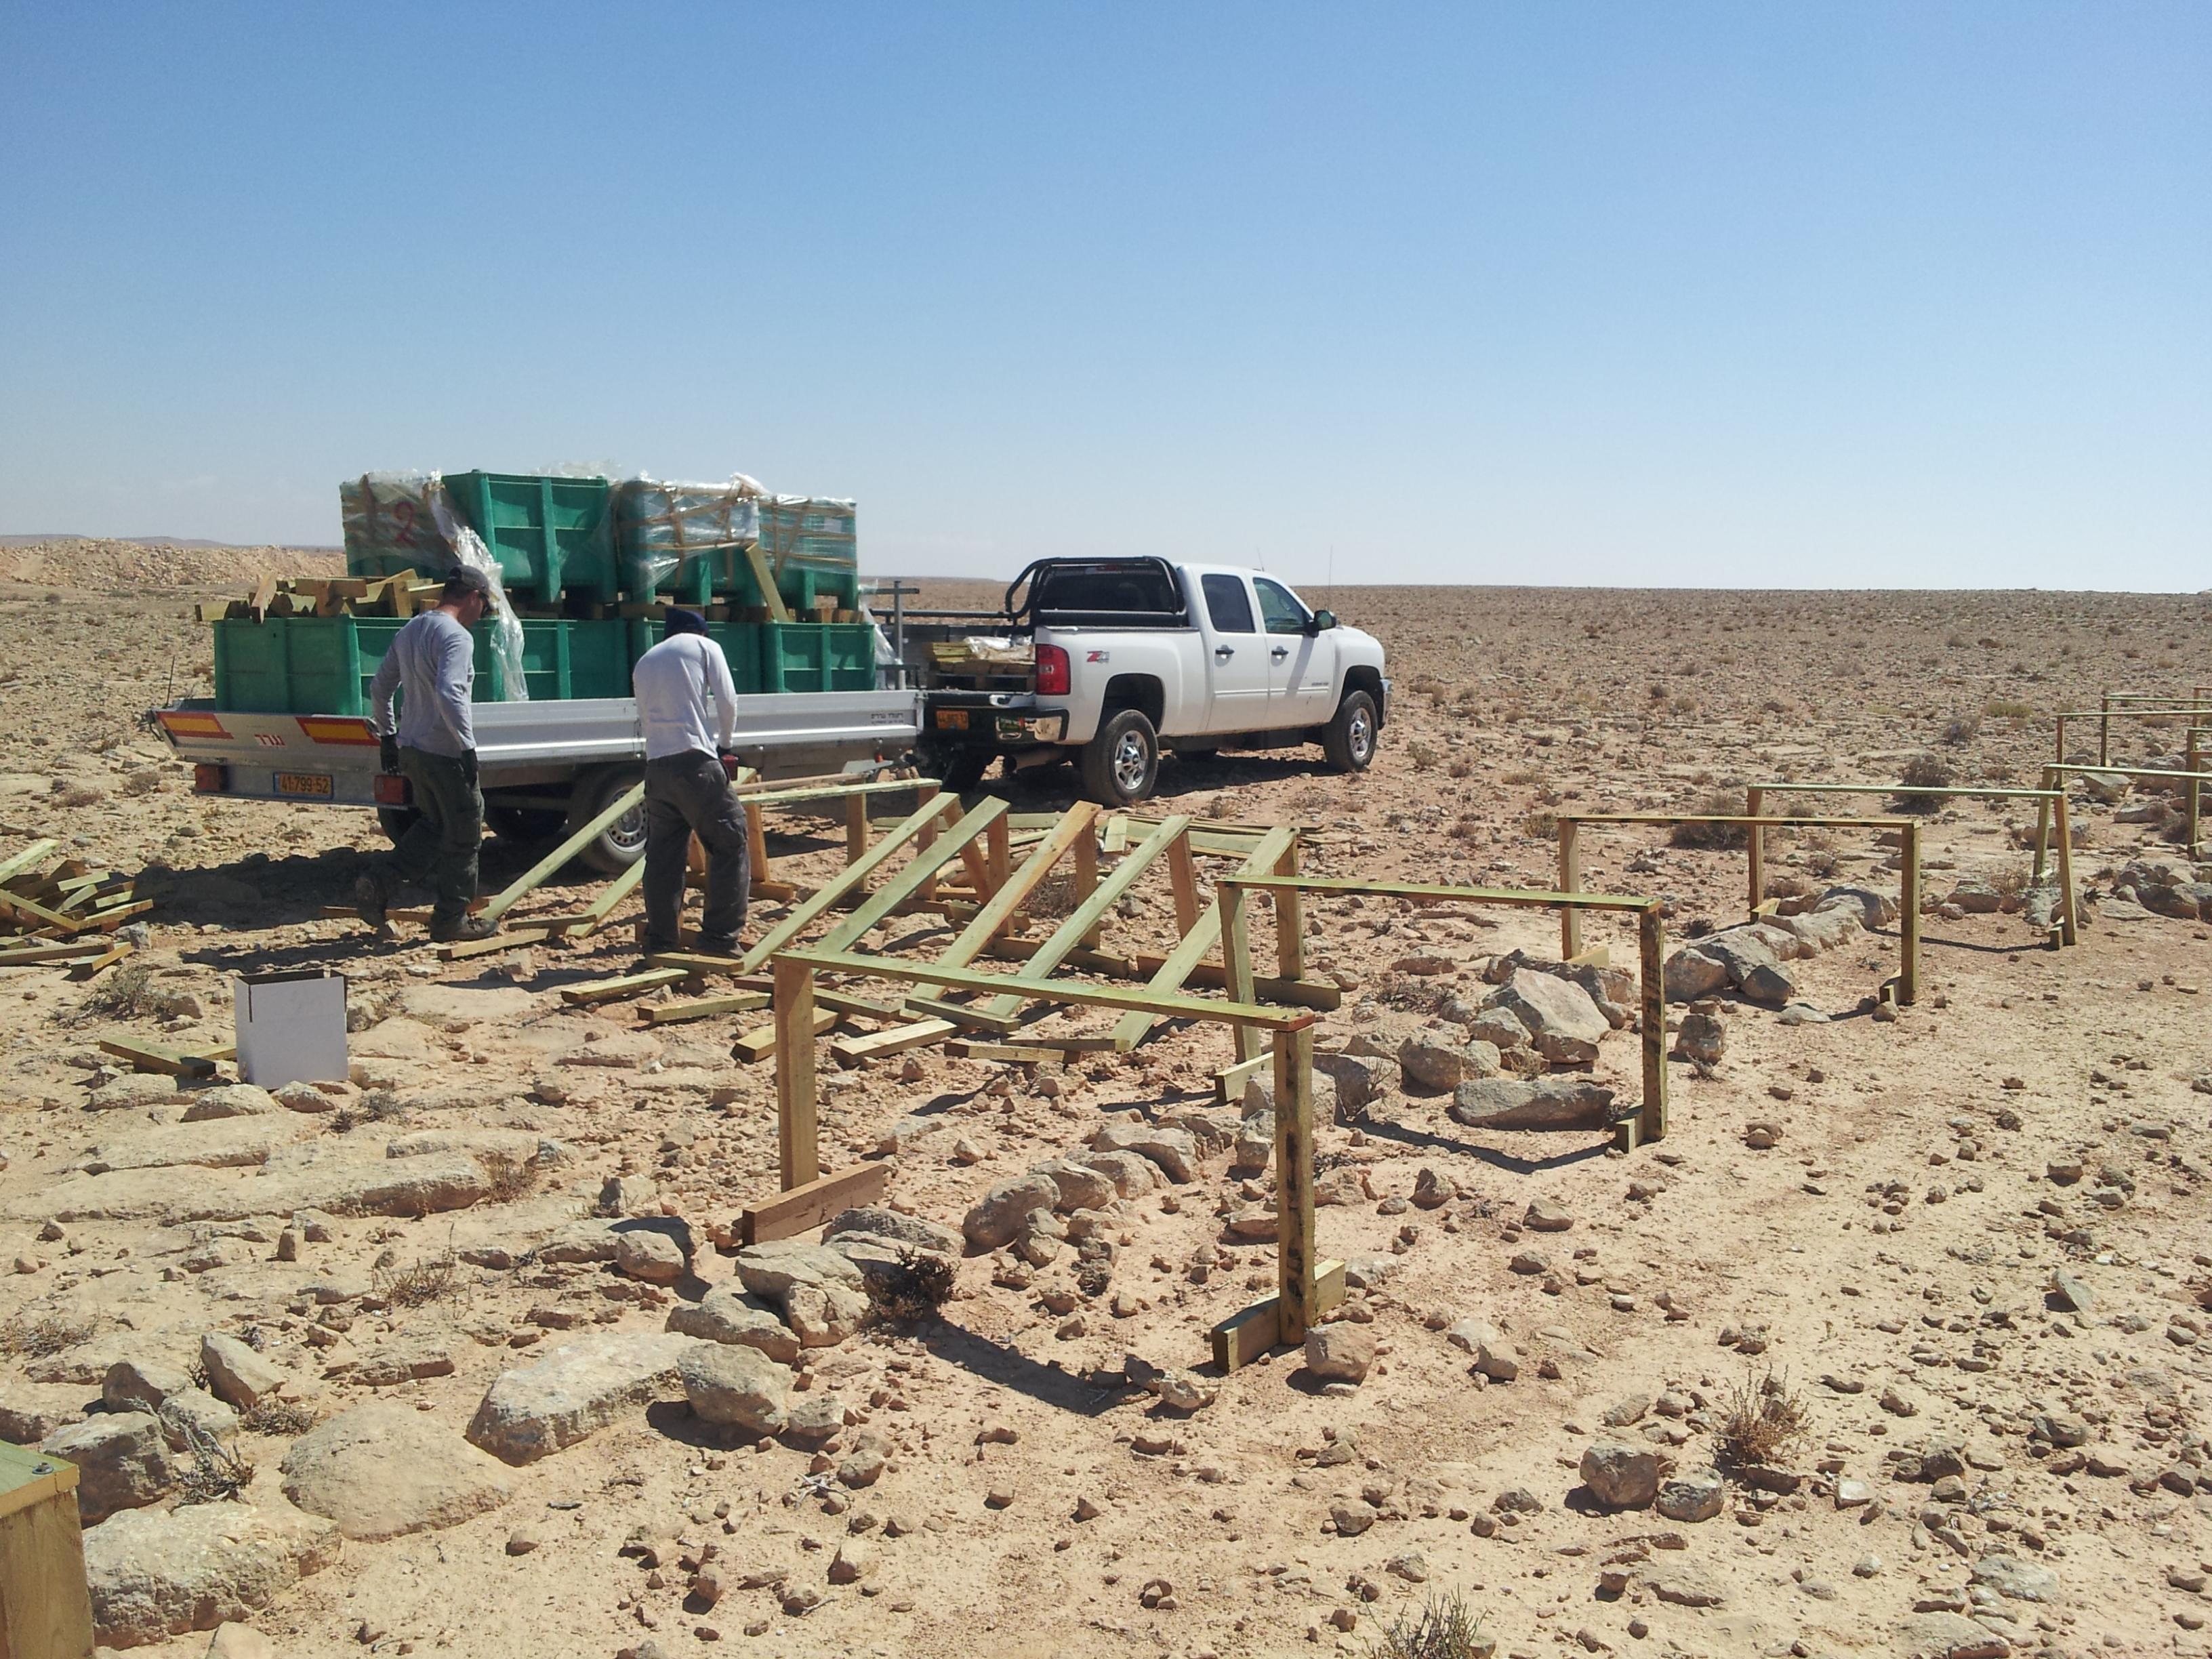 עבודות התשתית להקמת מערכת אנרגיה סולארית קרקעית במצפה רמון